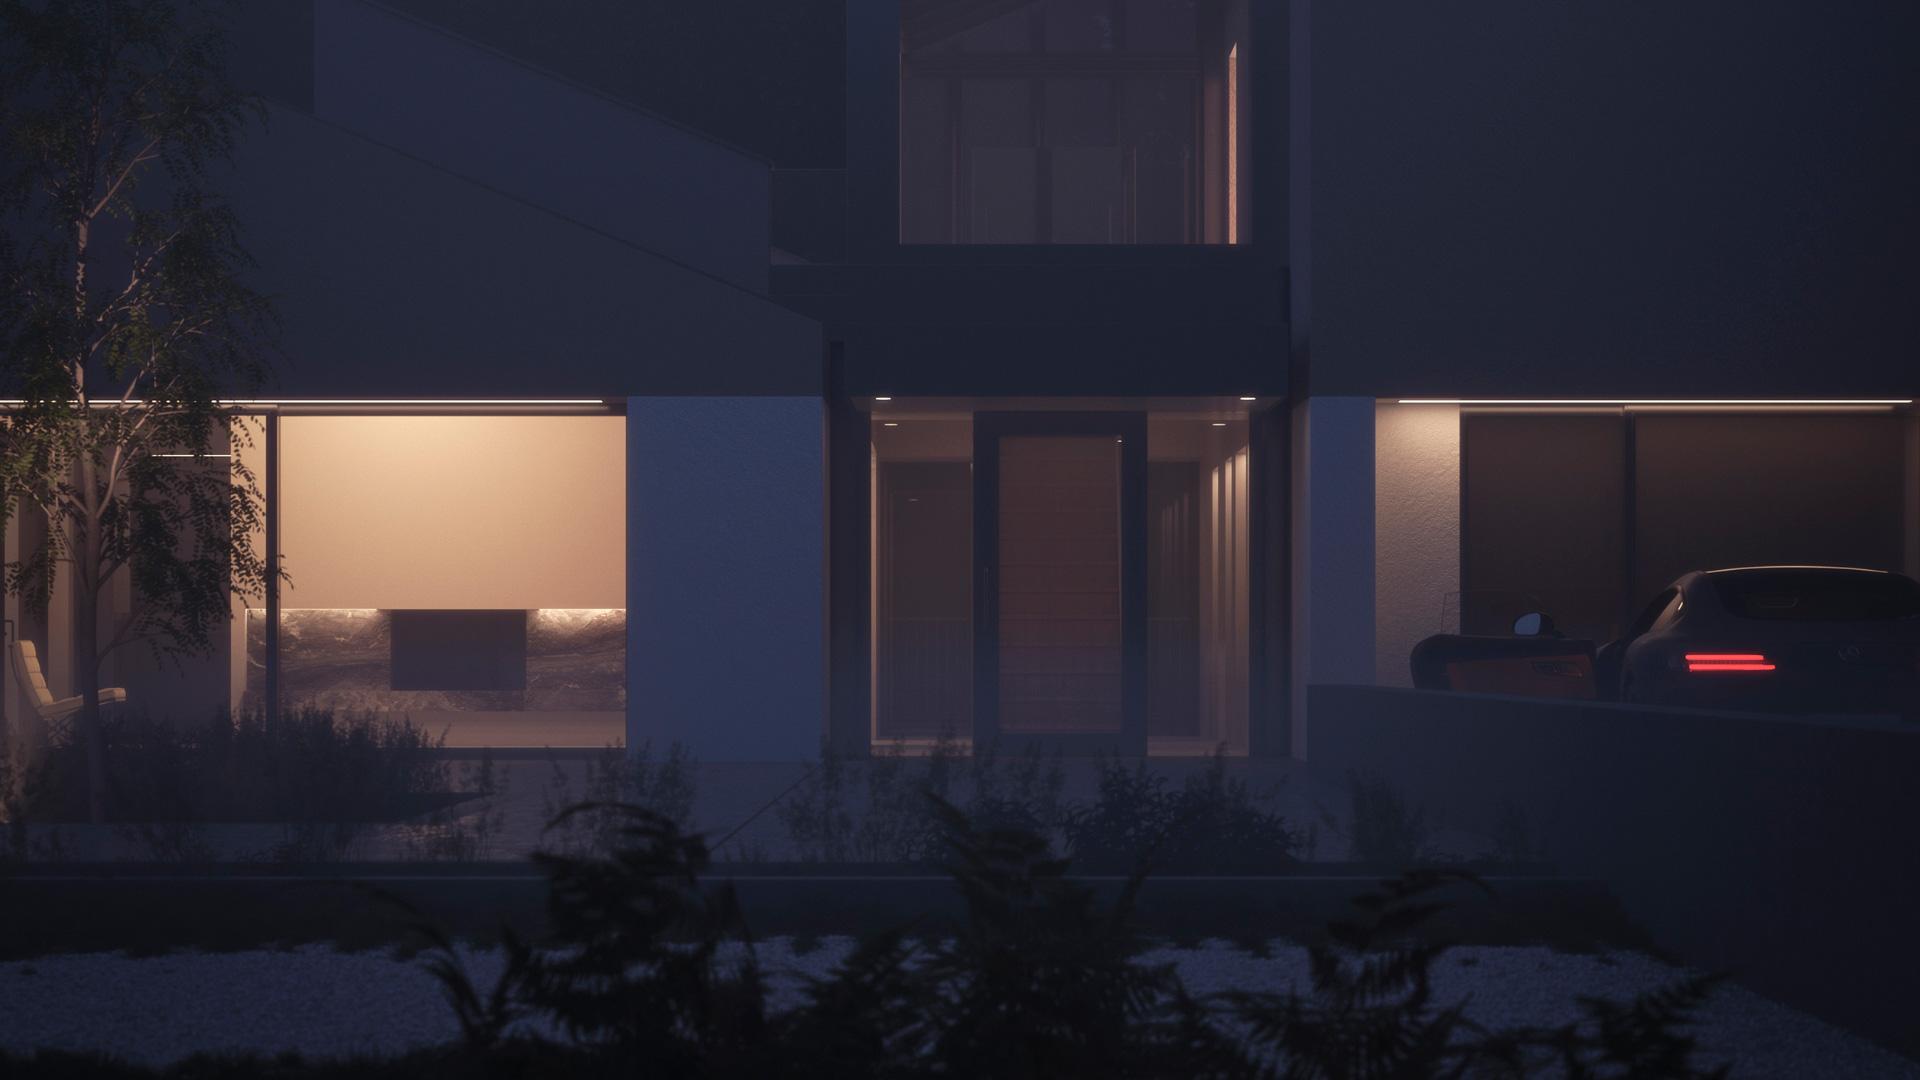 VNB, villa nei boschi (2020).